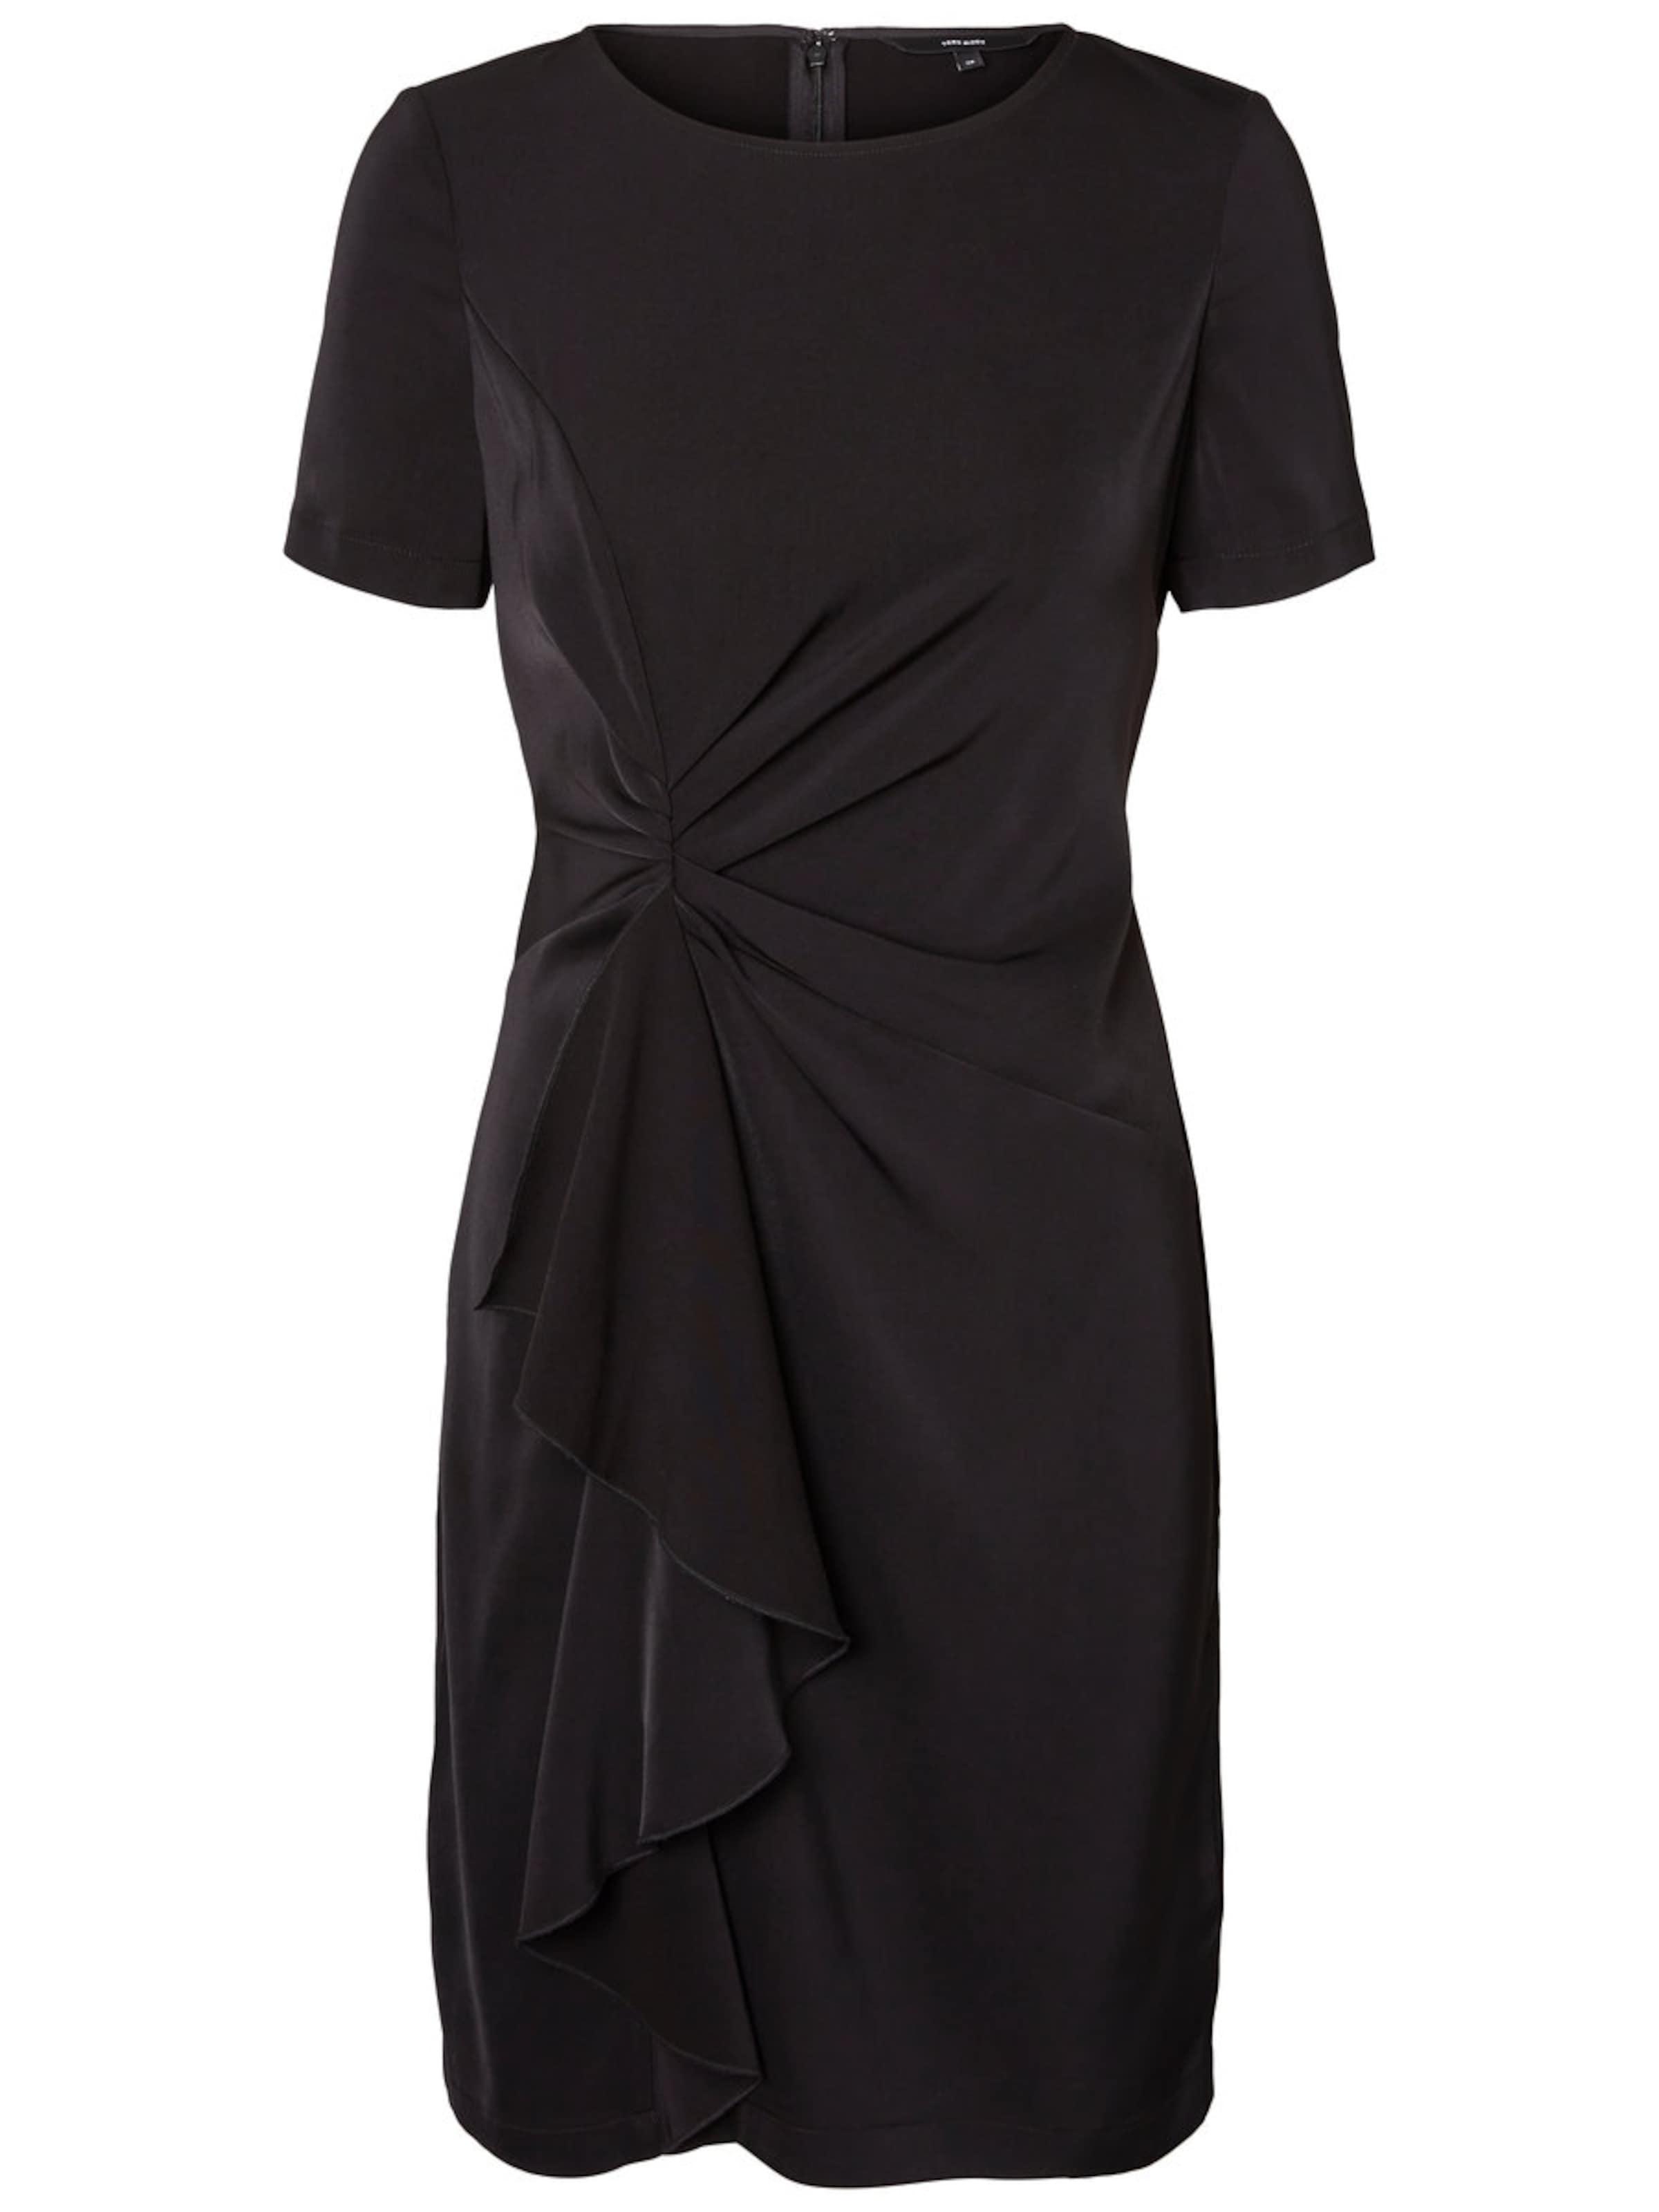 VERO MODA Feminines Kleid mit kurzen Ärmeln Kostengünstig Original- SG46UTJ